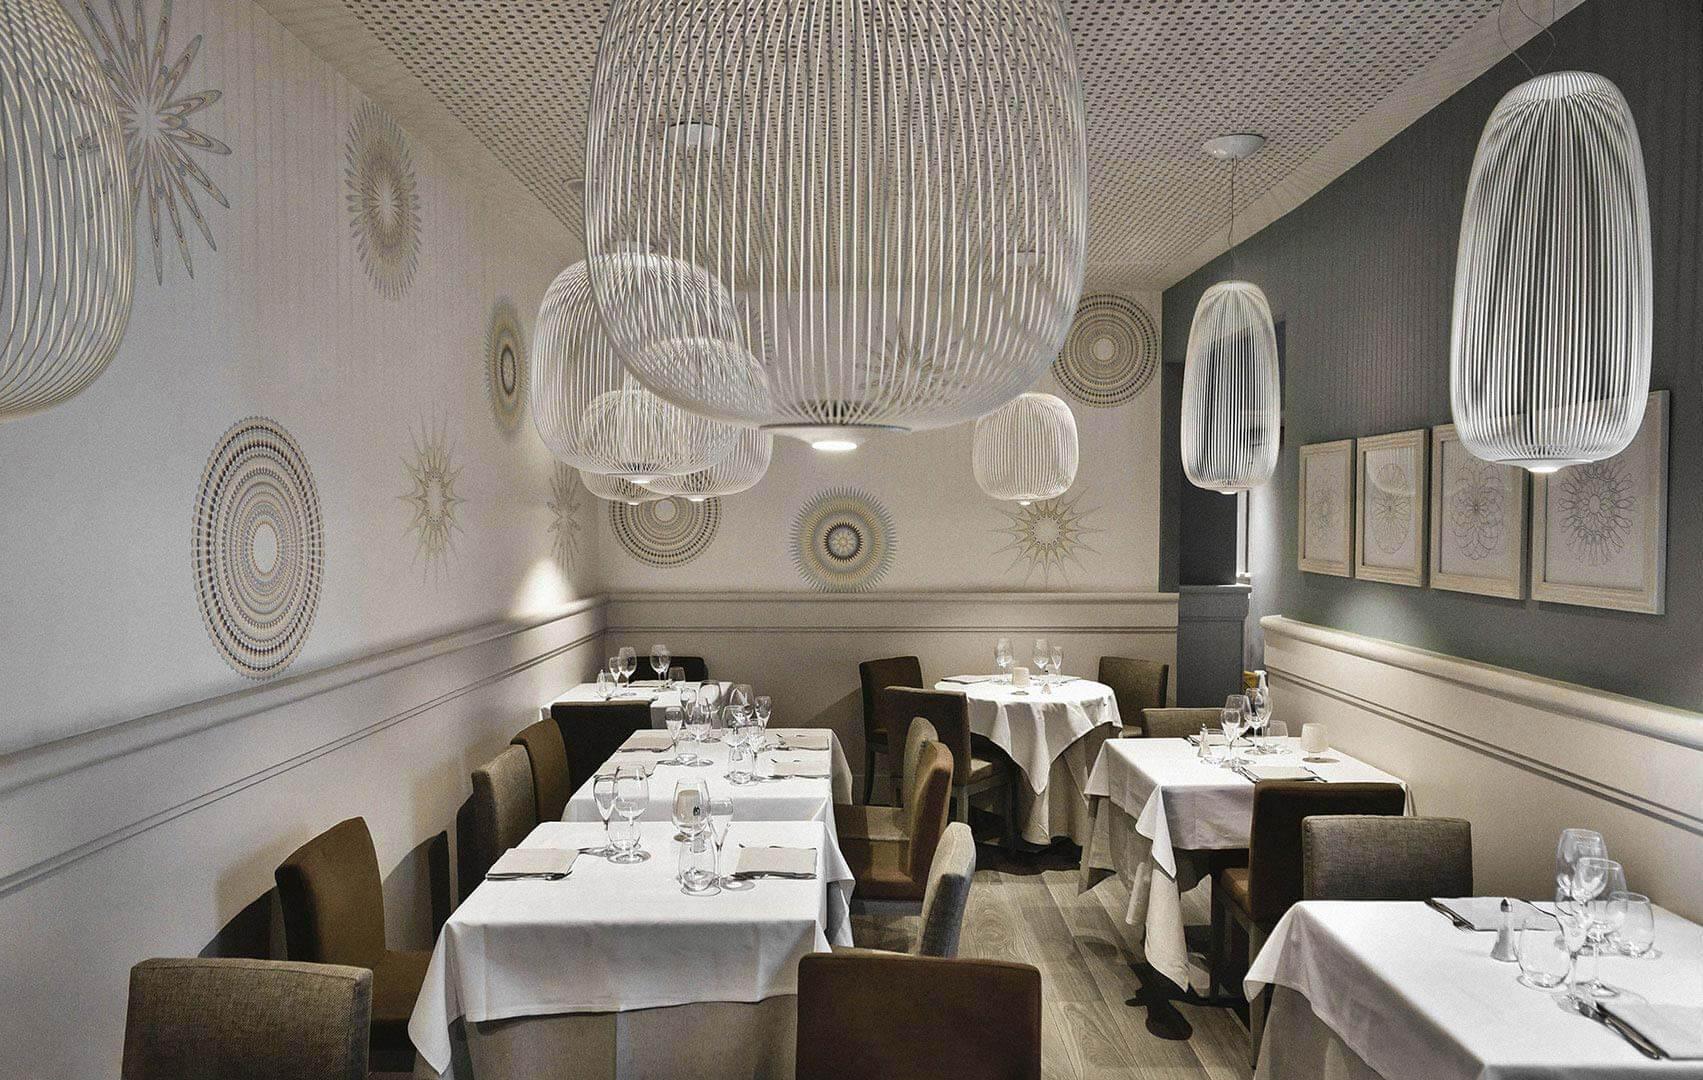 Foscarini Spokes - Devincenti negozio di arredamento e design Mantova